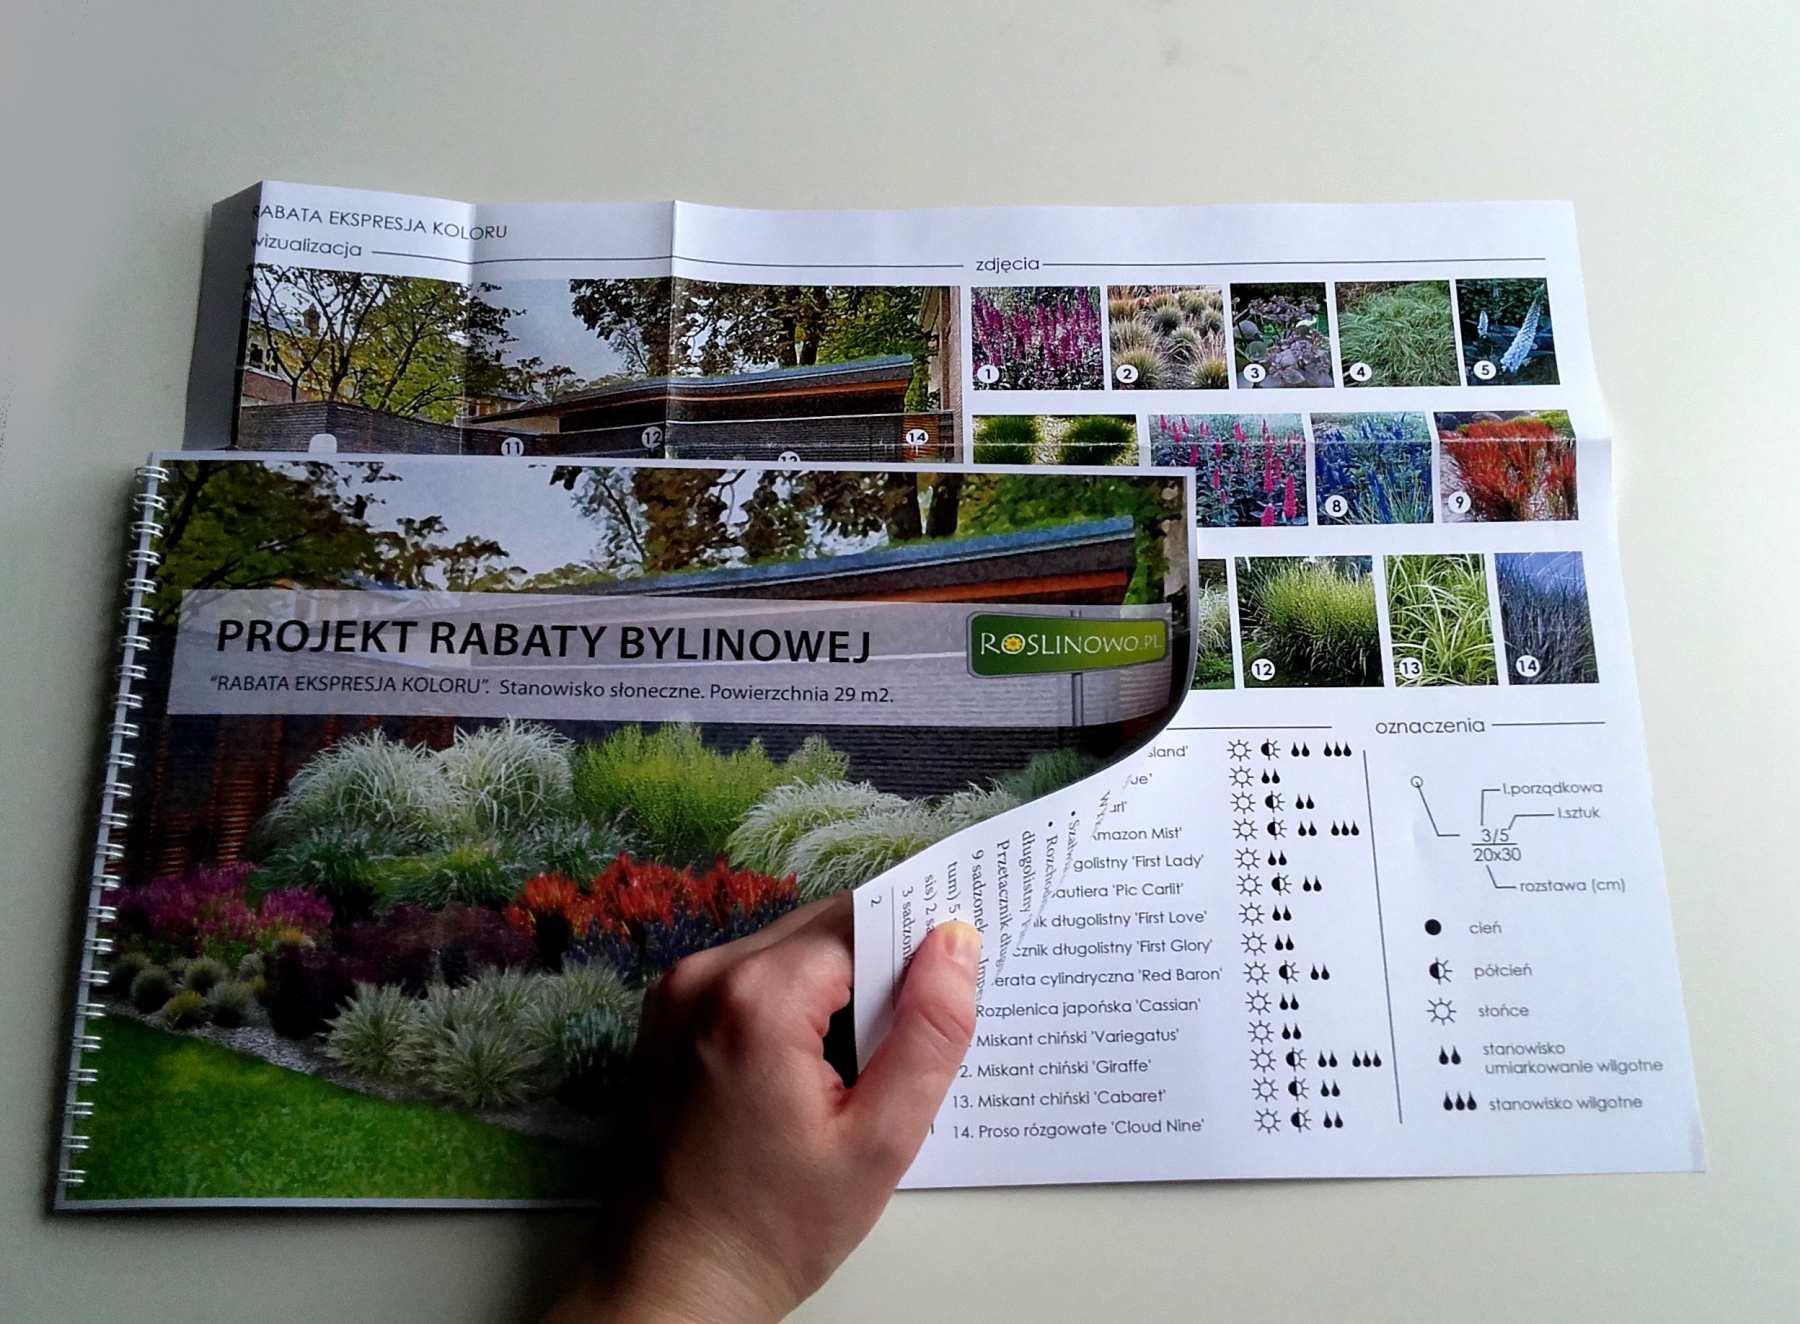 wydrukowany projekt rabaty - ekspresja koloru